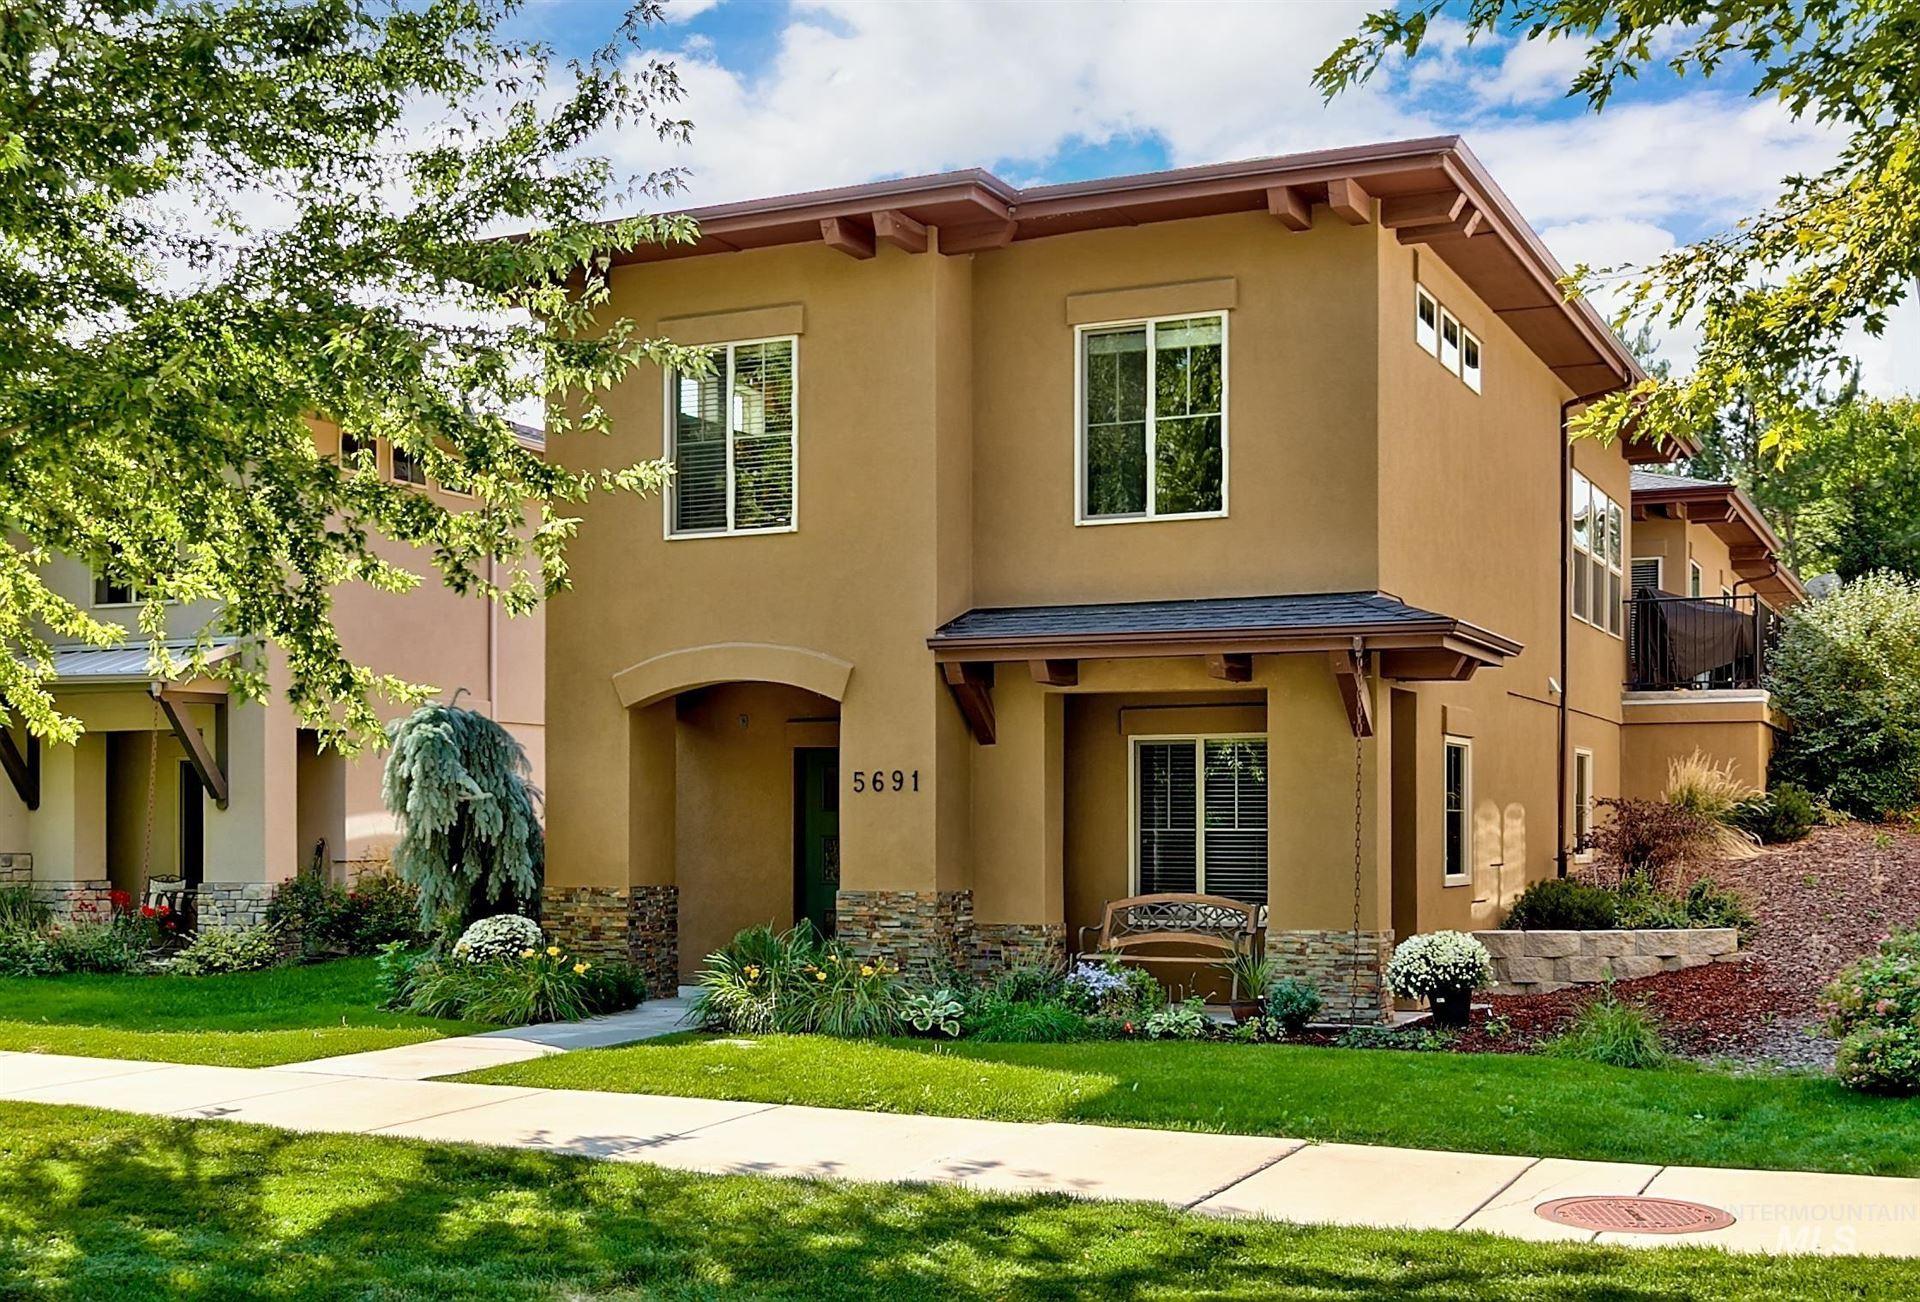 5691 W Hidden Springs Drive, Boise, ID 83714 - MLS#: 98819605